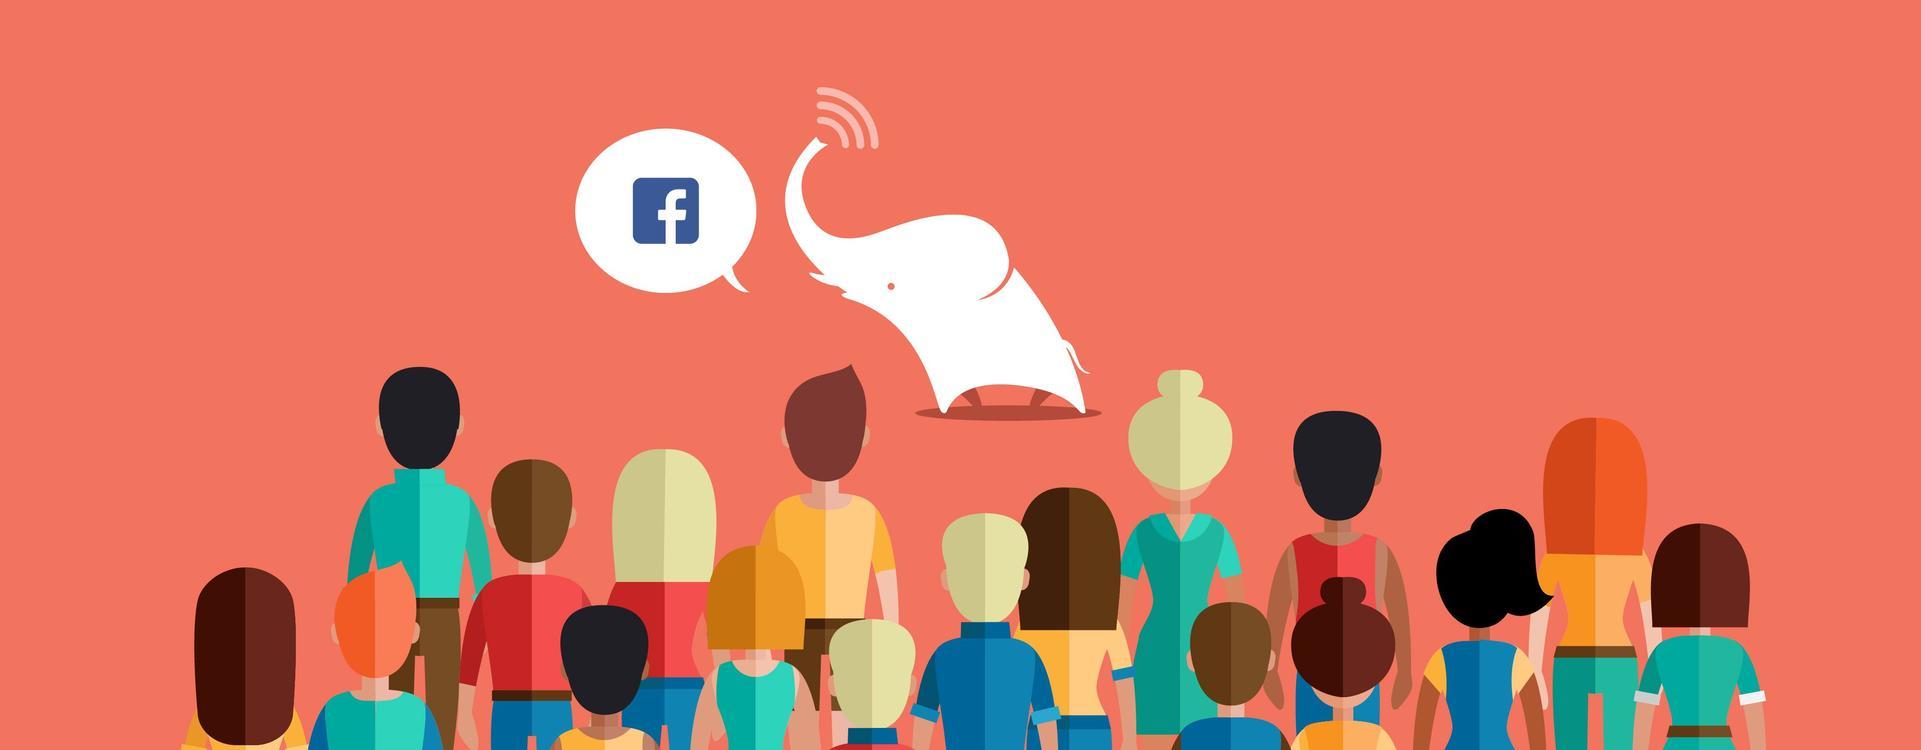 Facebook marketing és közösség építés